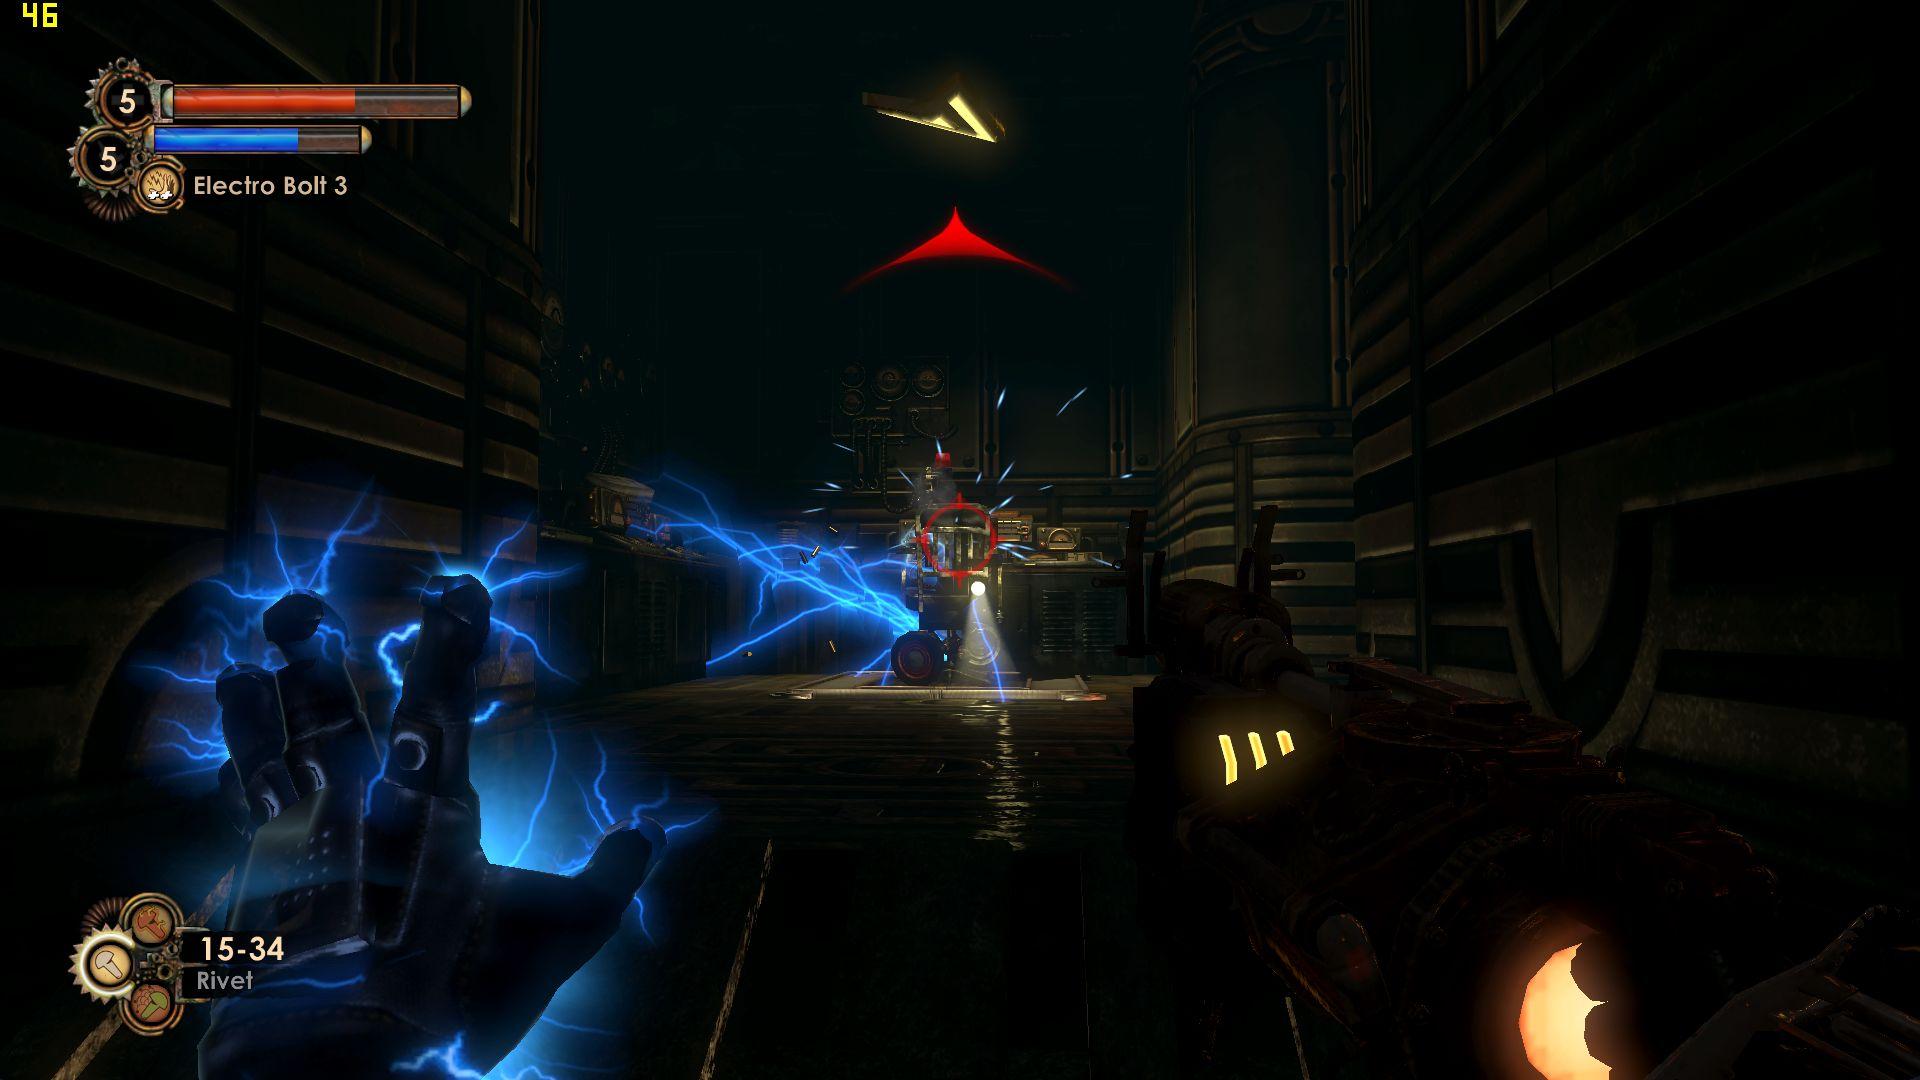 Spielescreenshots für mein iGPU Review